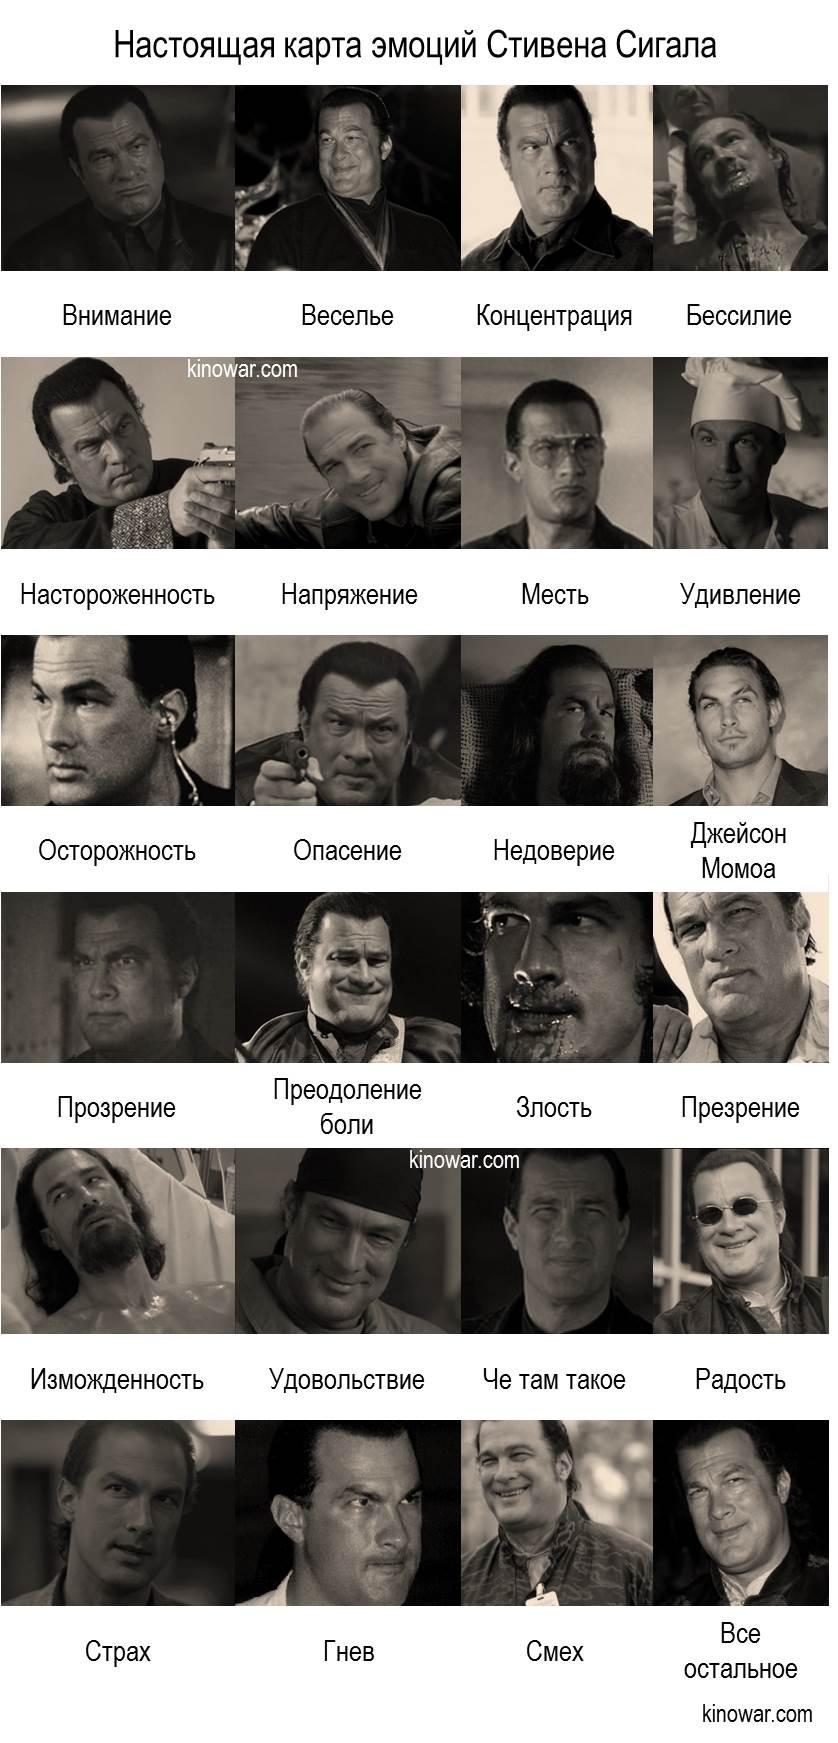 Реальная карта эмоций Стивена Сигала